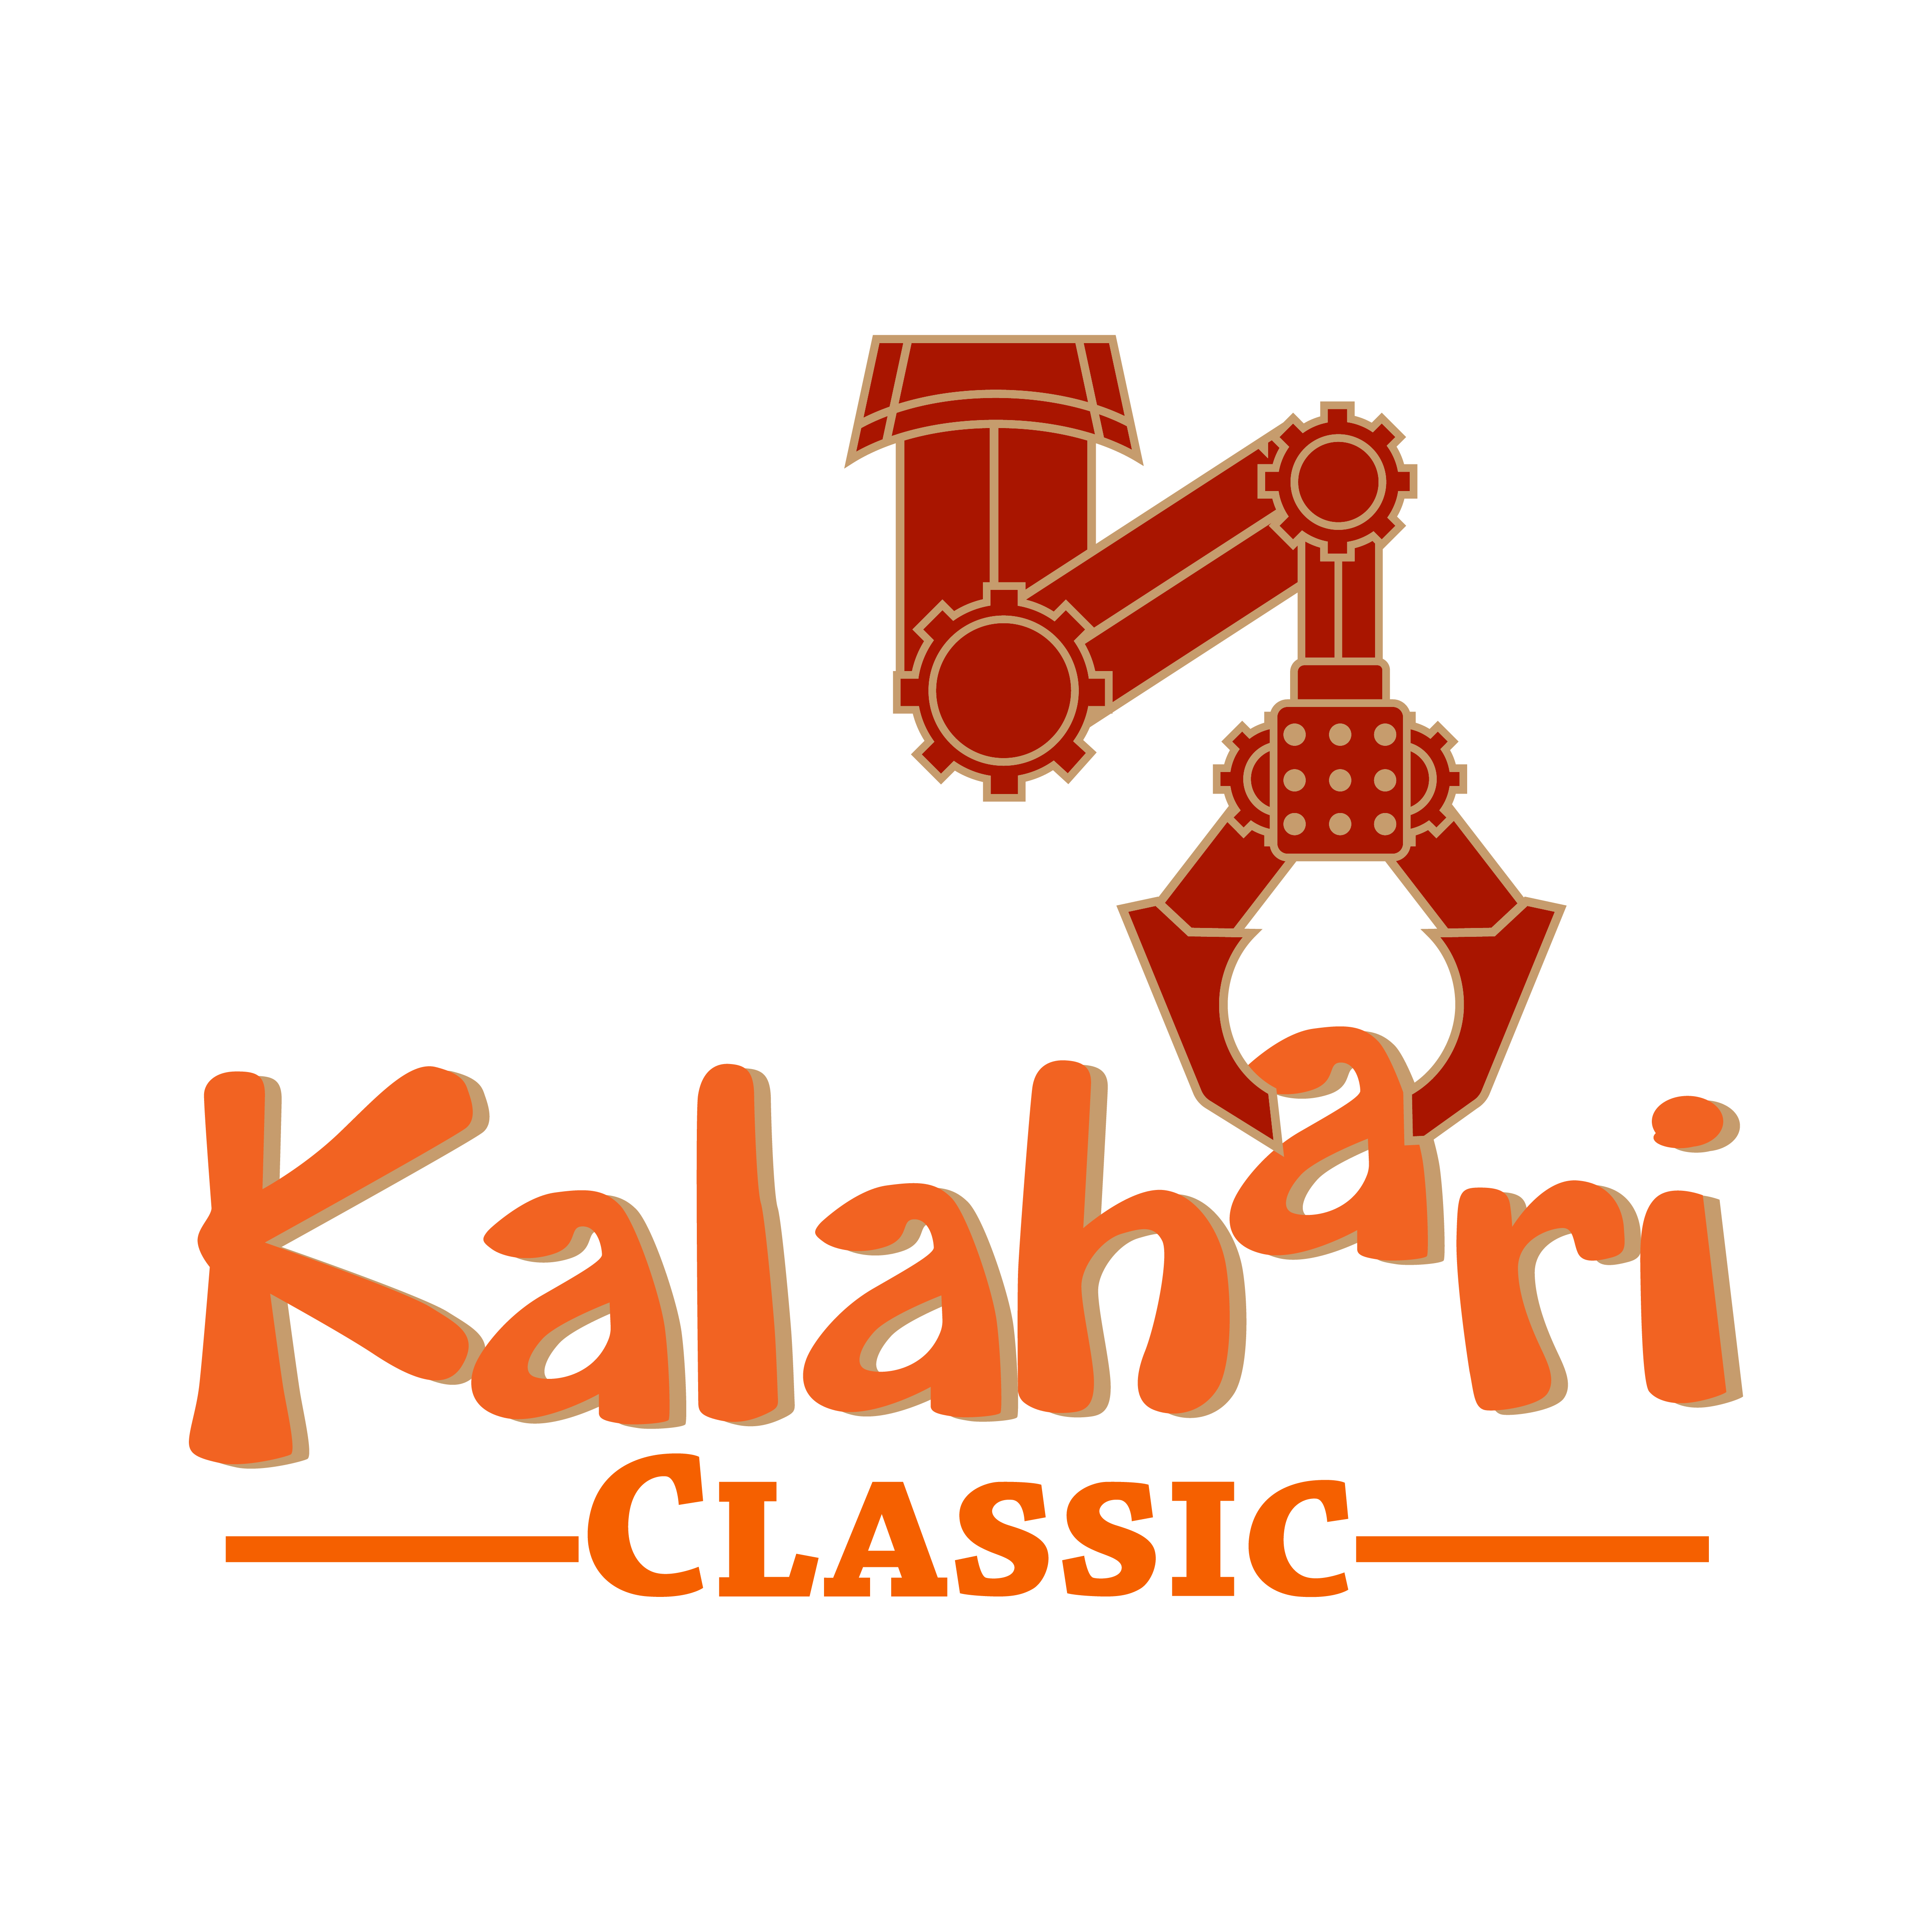 Signature Event: High School VRC KALAHARI CLASSIC INDOOR WATERPARK MULTI-STATE EVENT